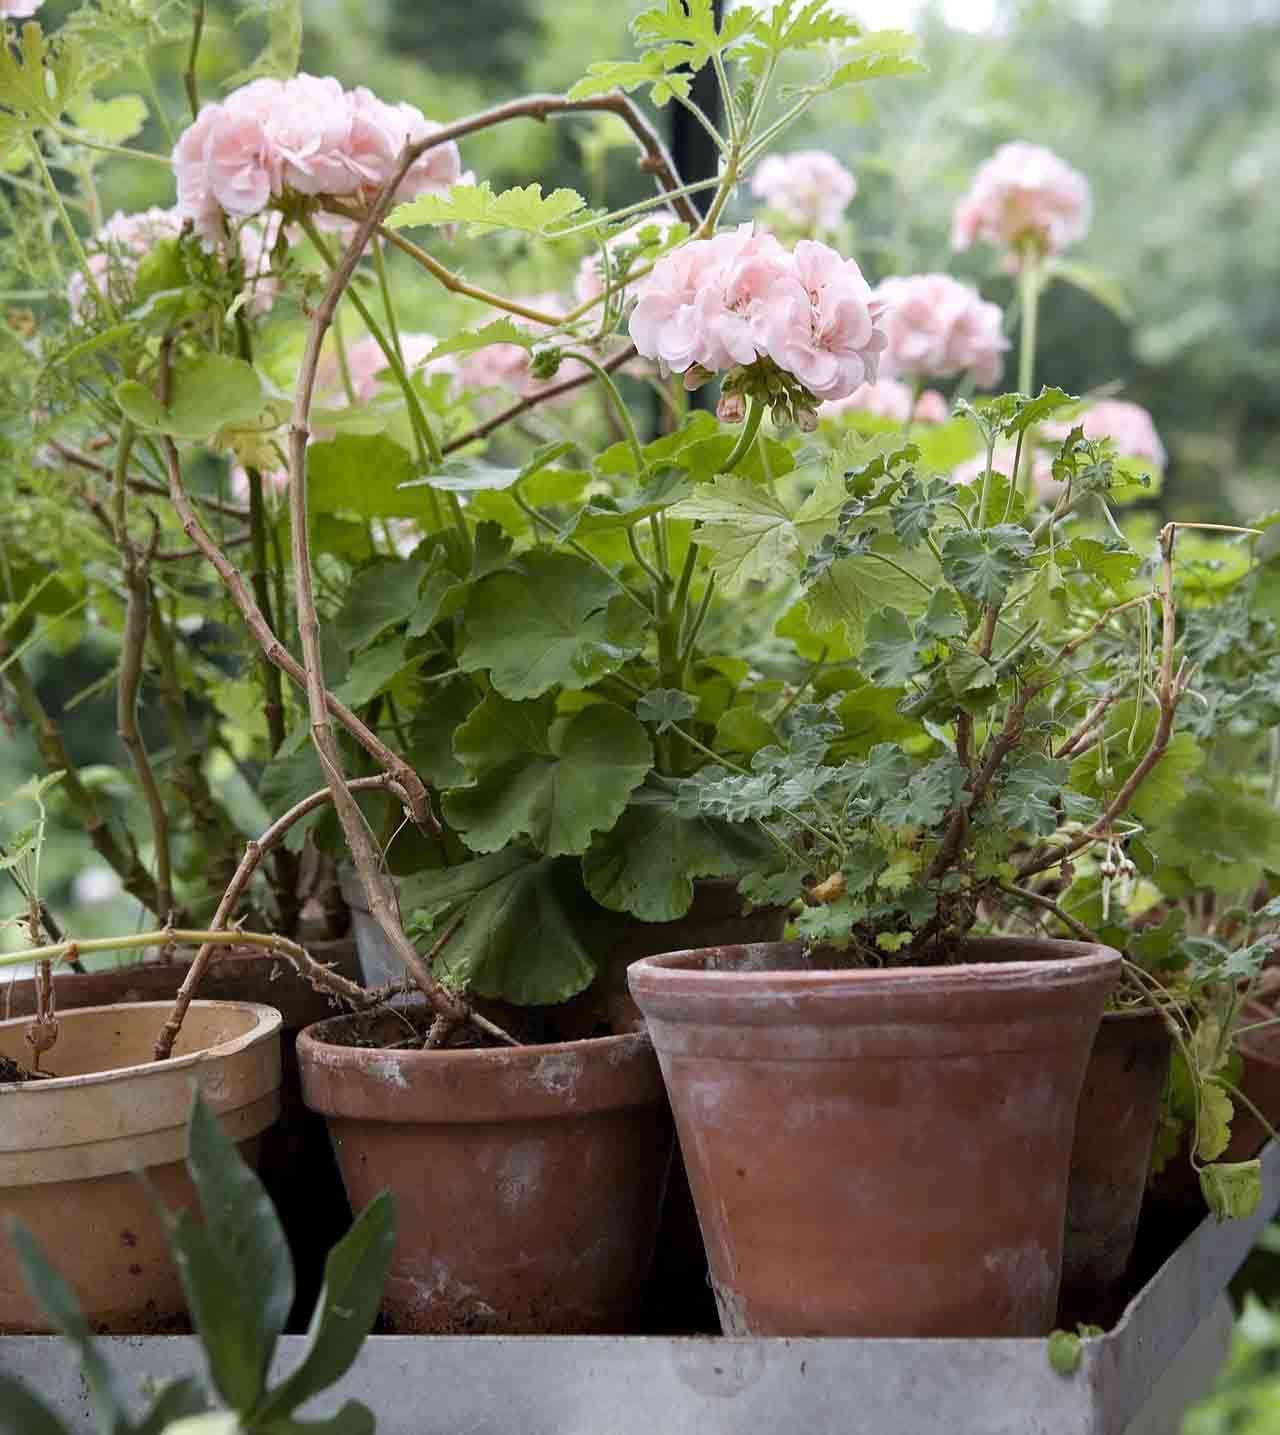 Giv din sommerhave et frisk pust med havekrukker, hvor dine ...